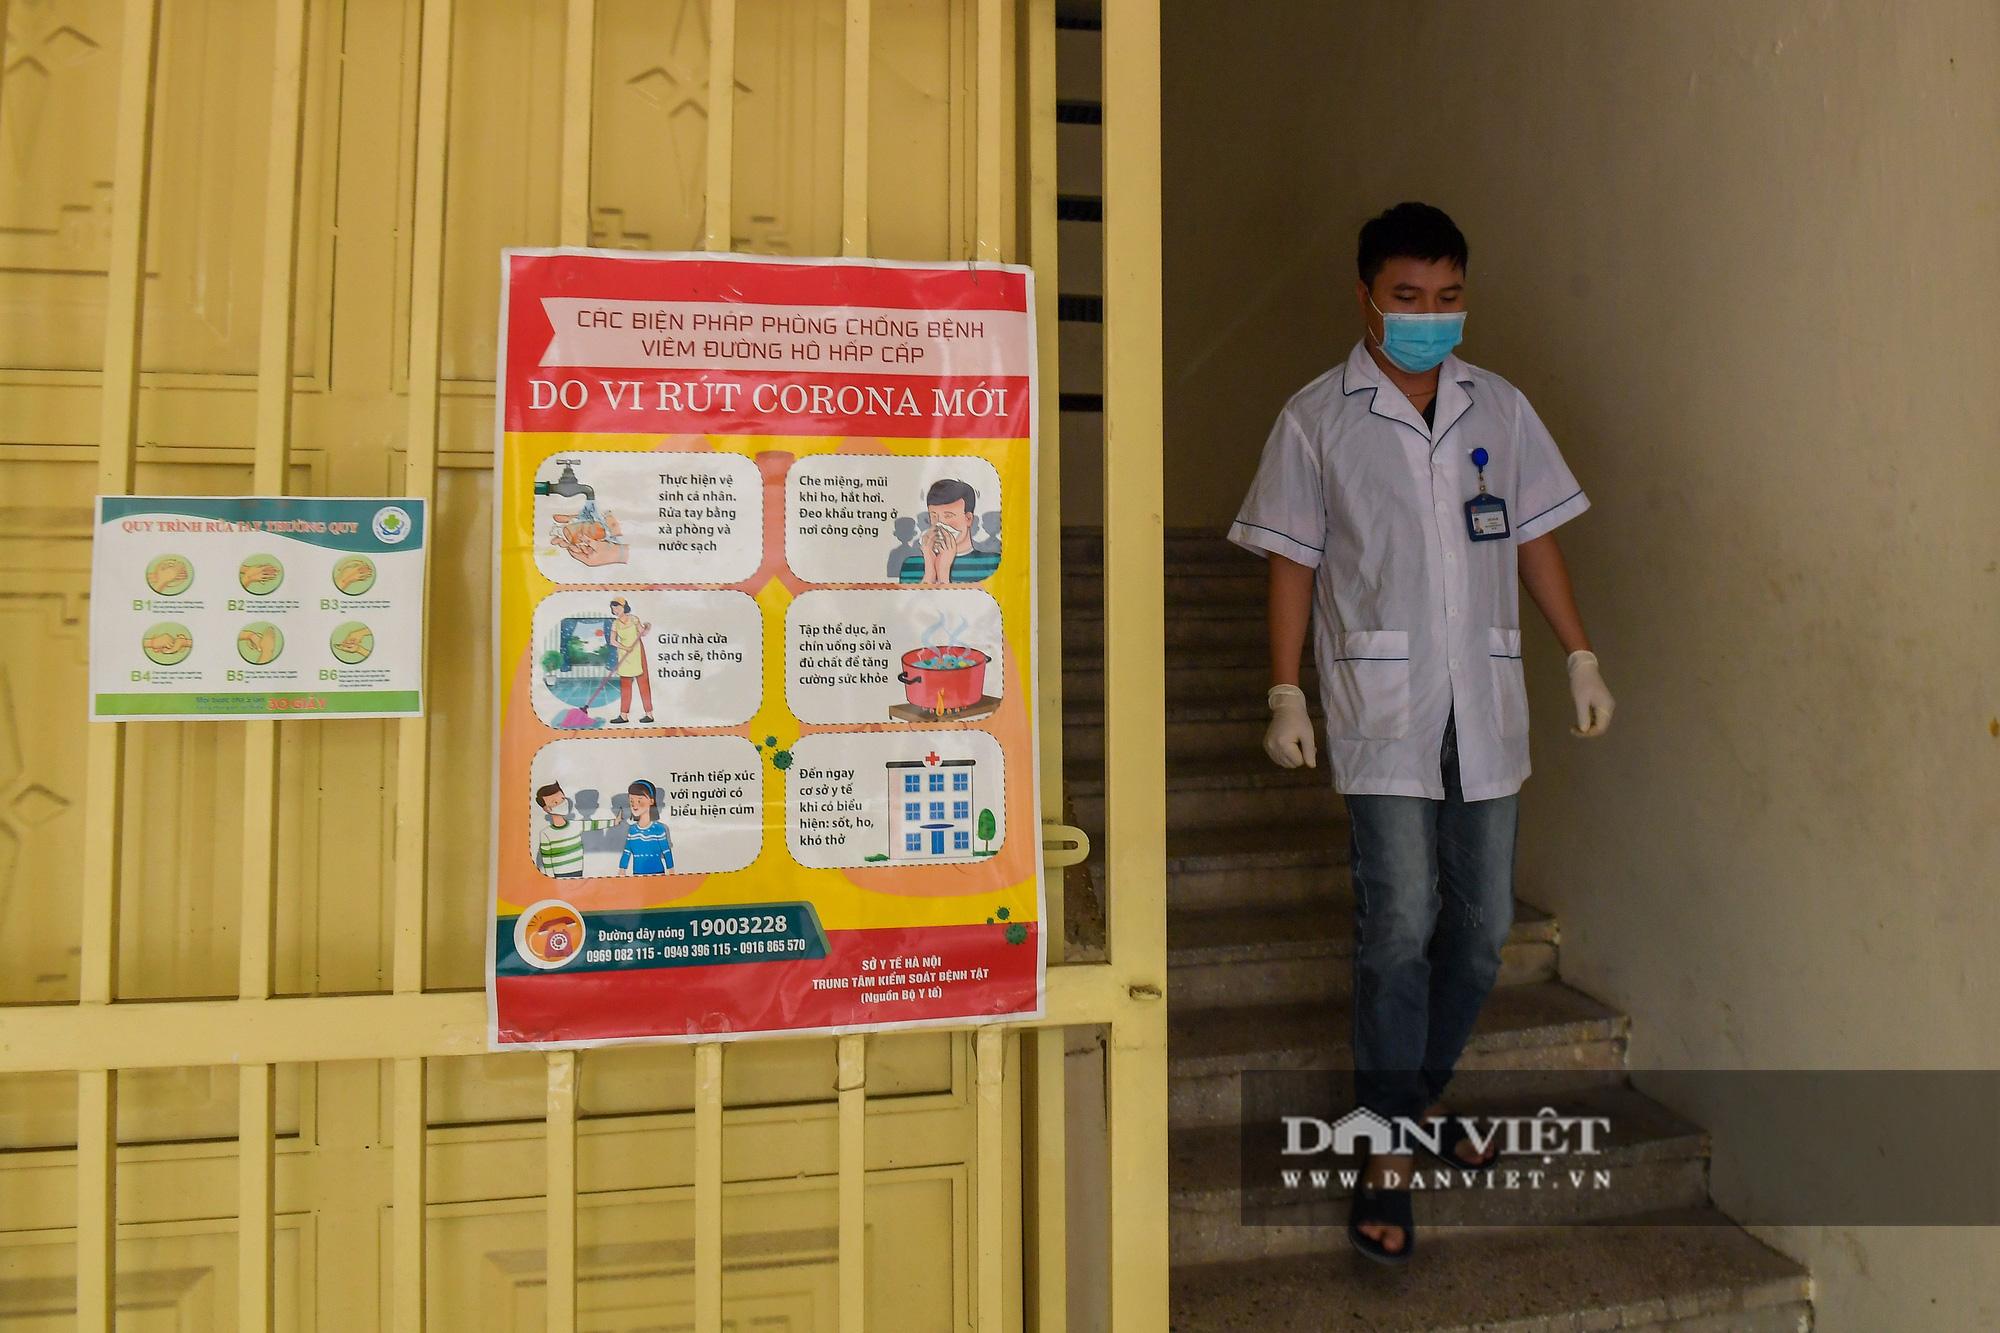 Hà Nội: Các trường được chọn làm điểm thi THPT đồng loạt phun khử trùng - Ảnh 4.